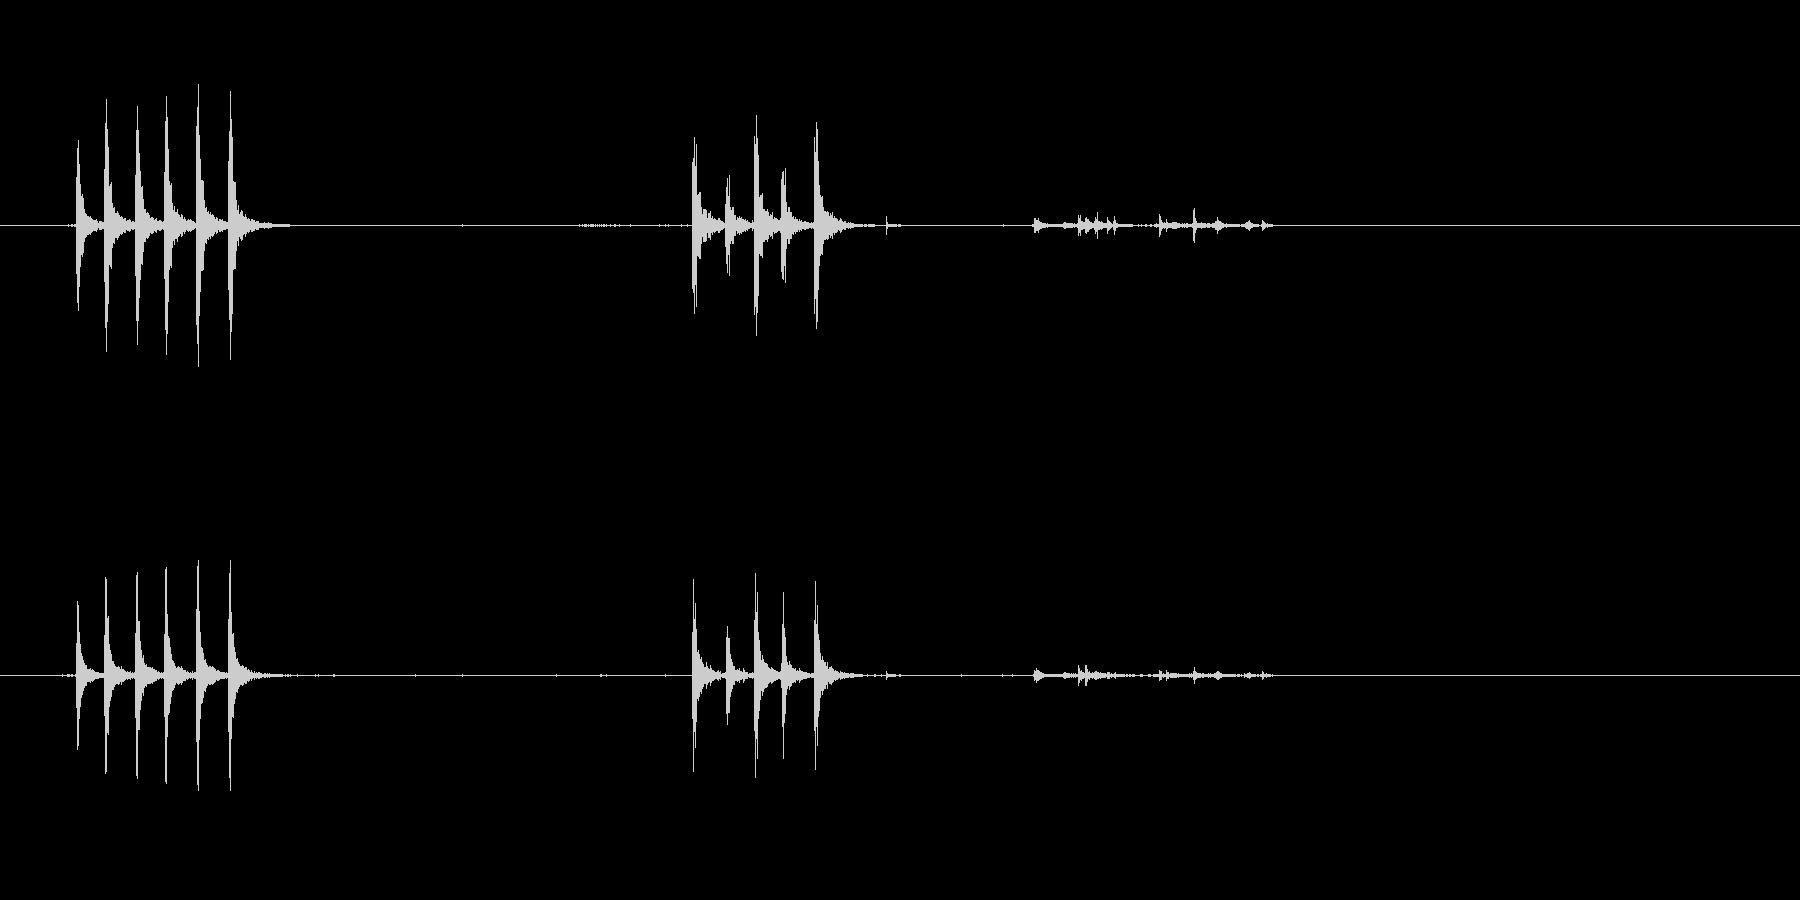 ドアノッキング-ドアノック-ドアD...の未再生の波形